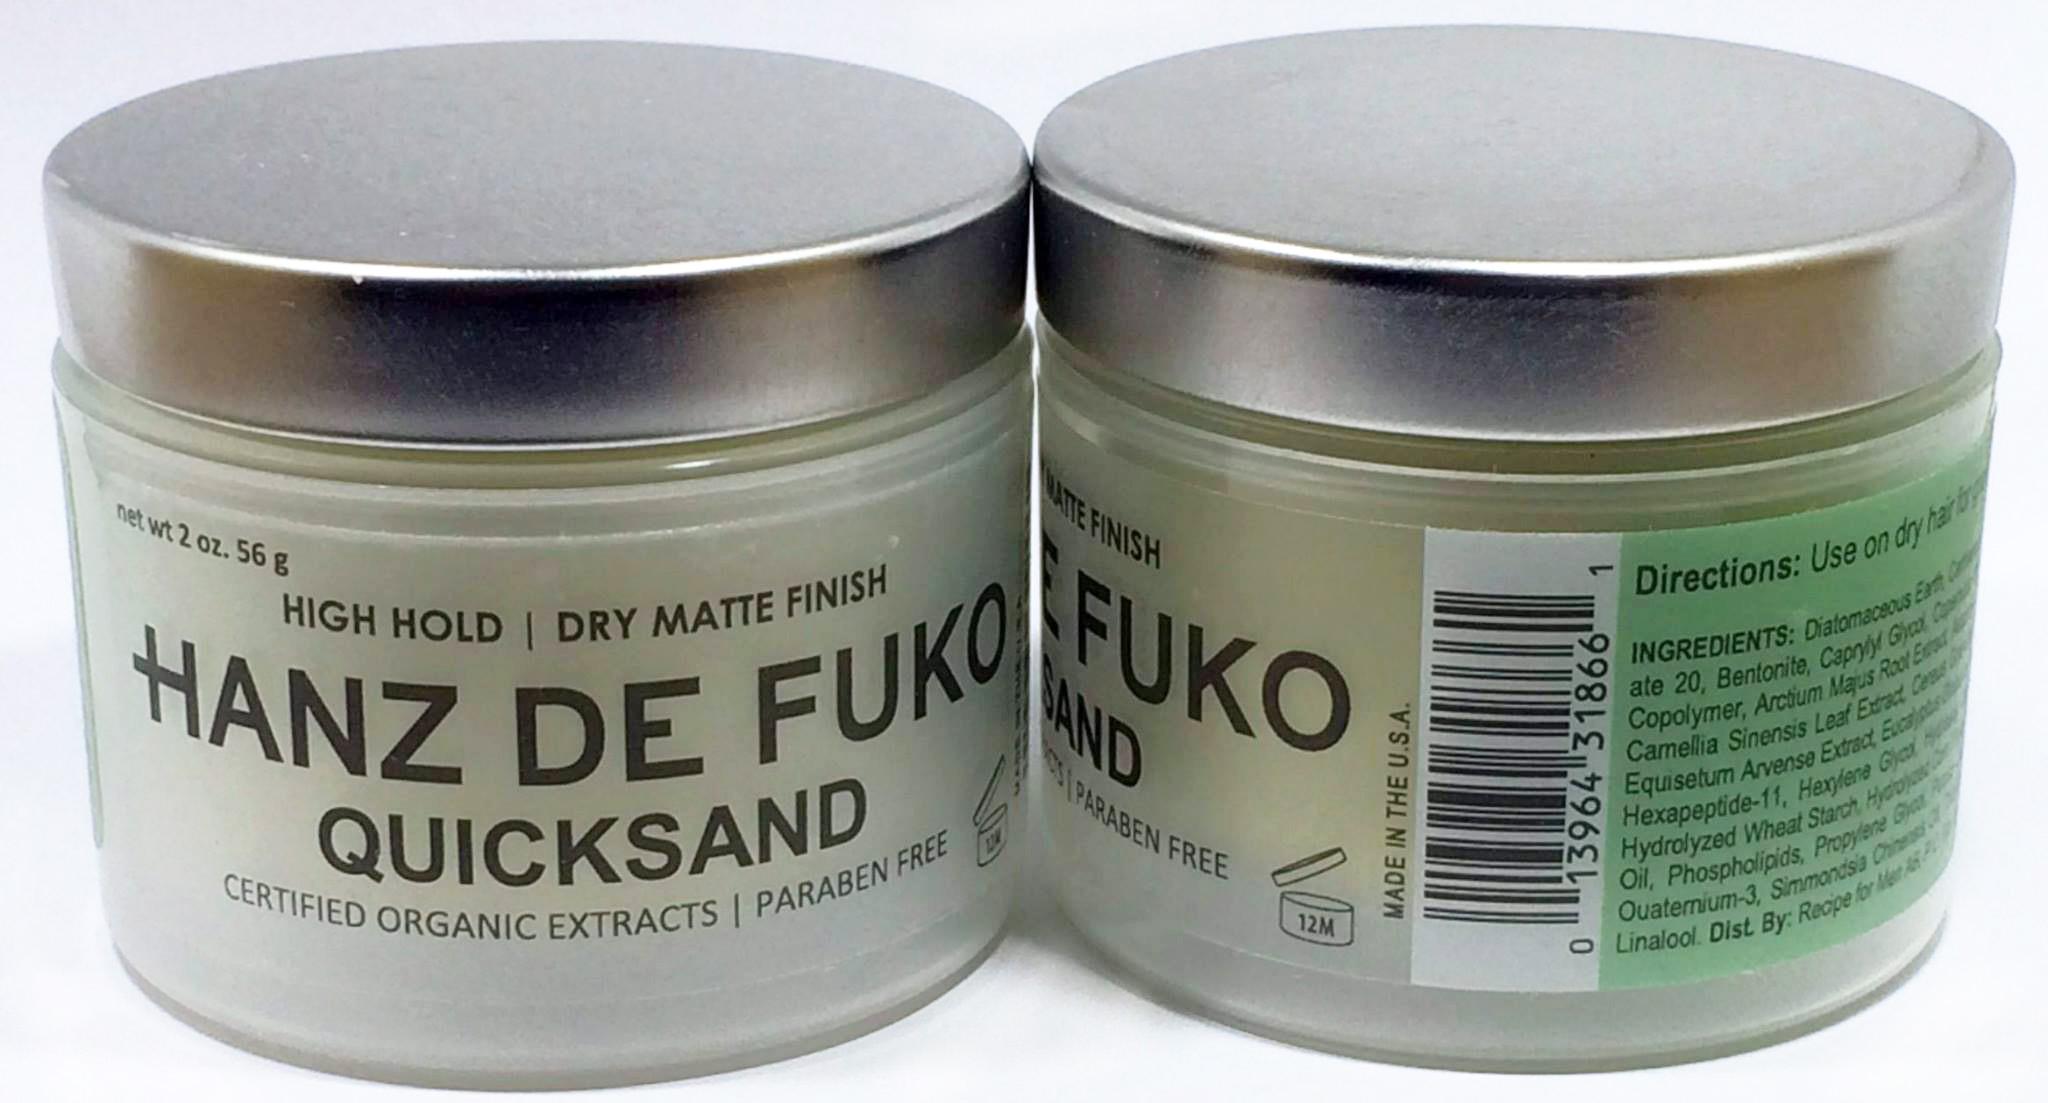 Hand de fuko quicksan